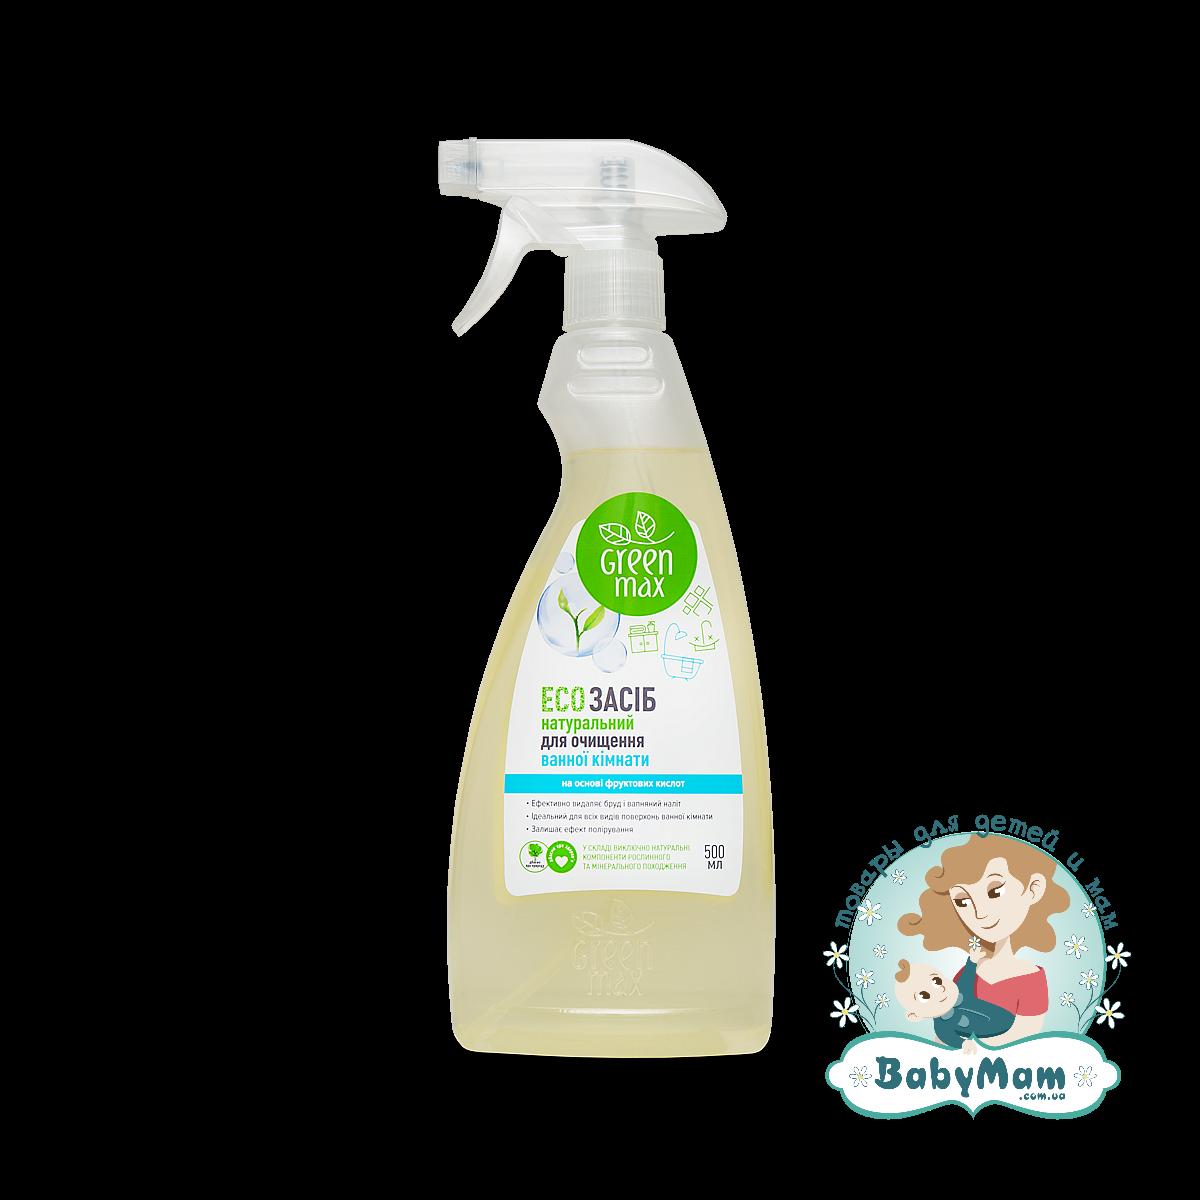 Экосредство для чистки ванной комнаты Green Max, 500мл